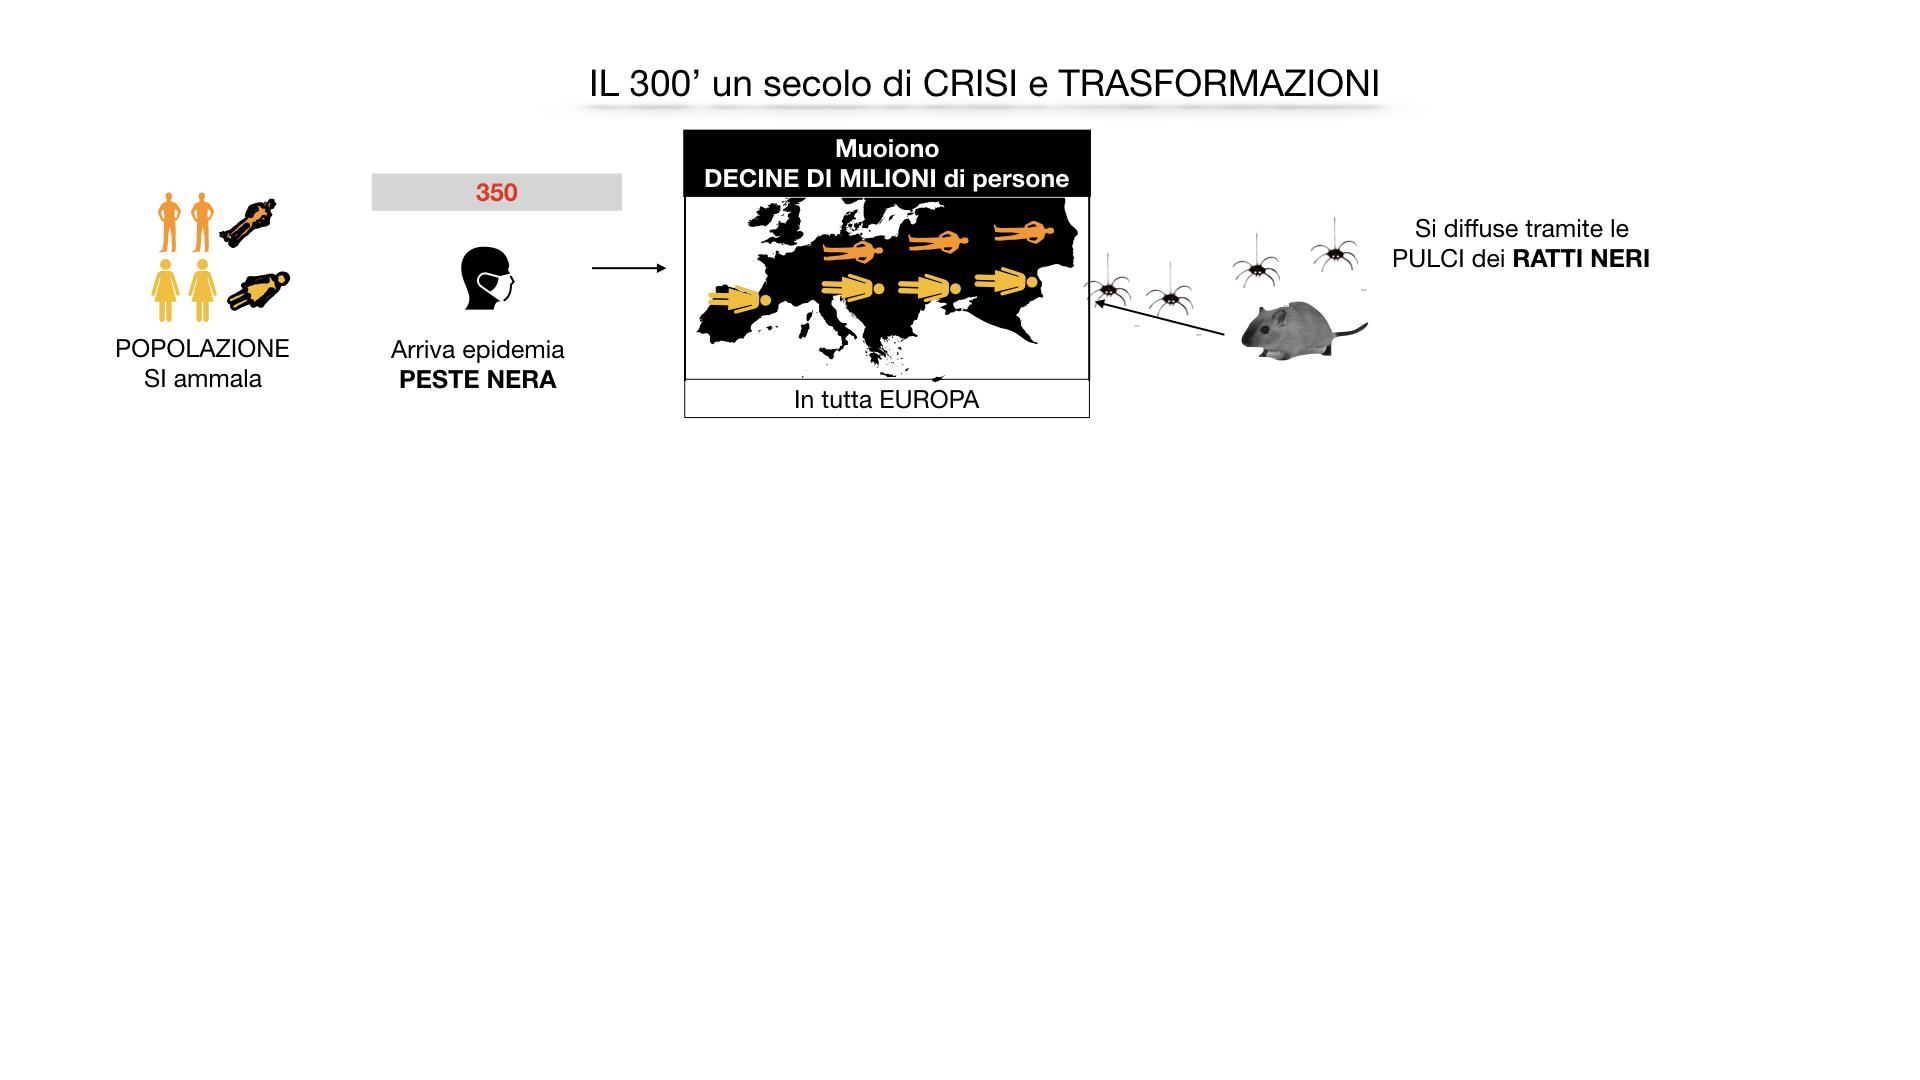 il 300 crisi e trasformazioni_ SIMULAZIONE.021